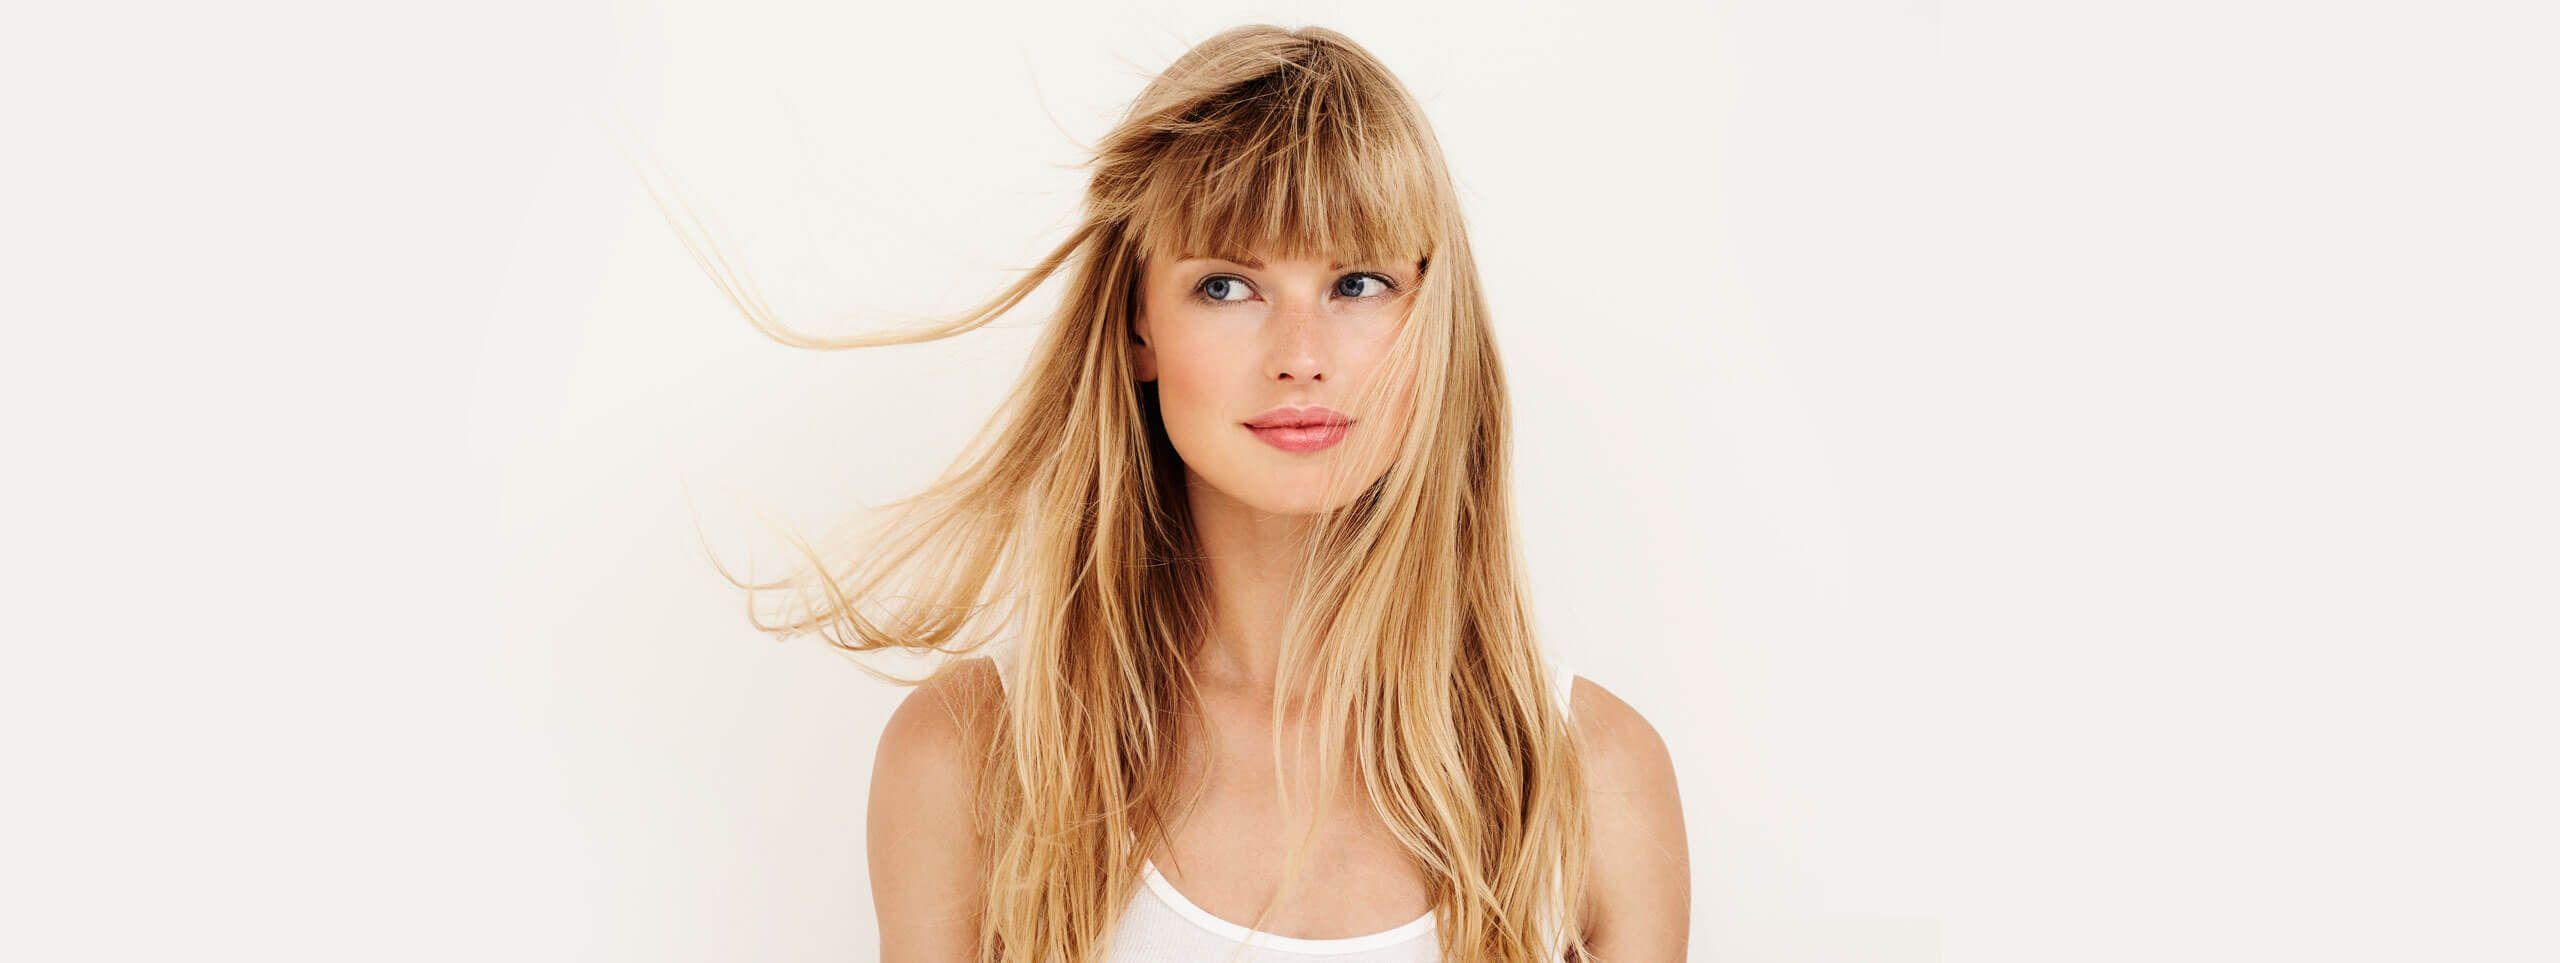 Светлые, шикарные волосы